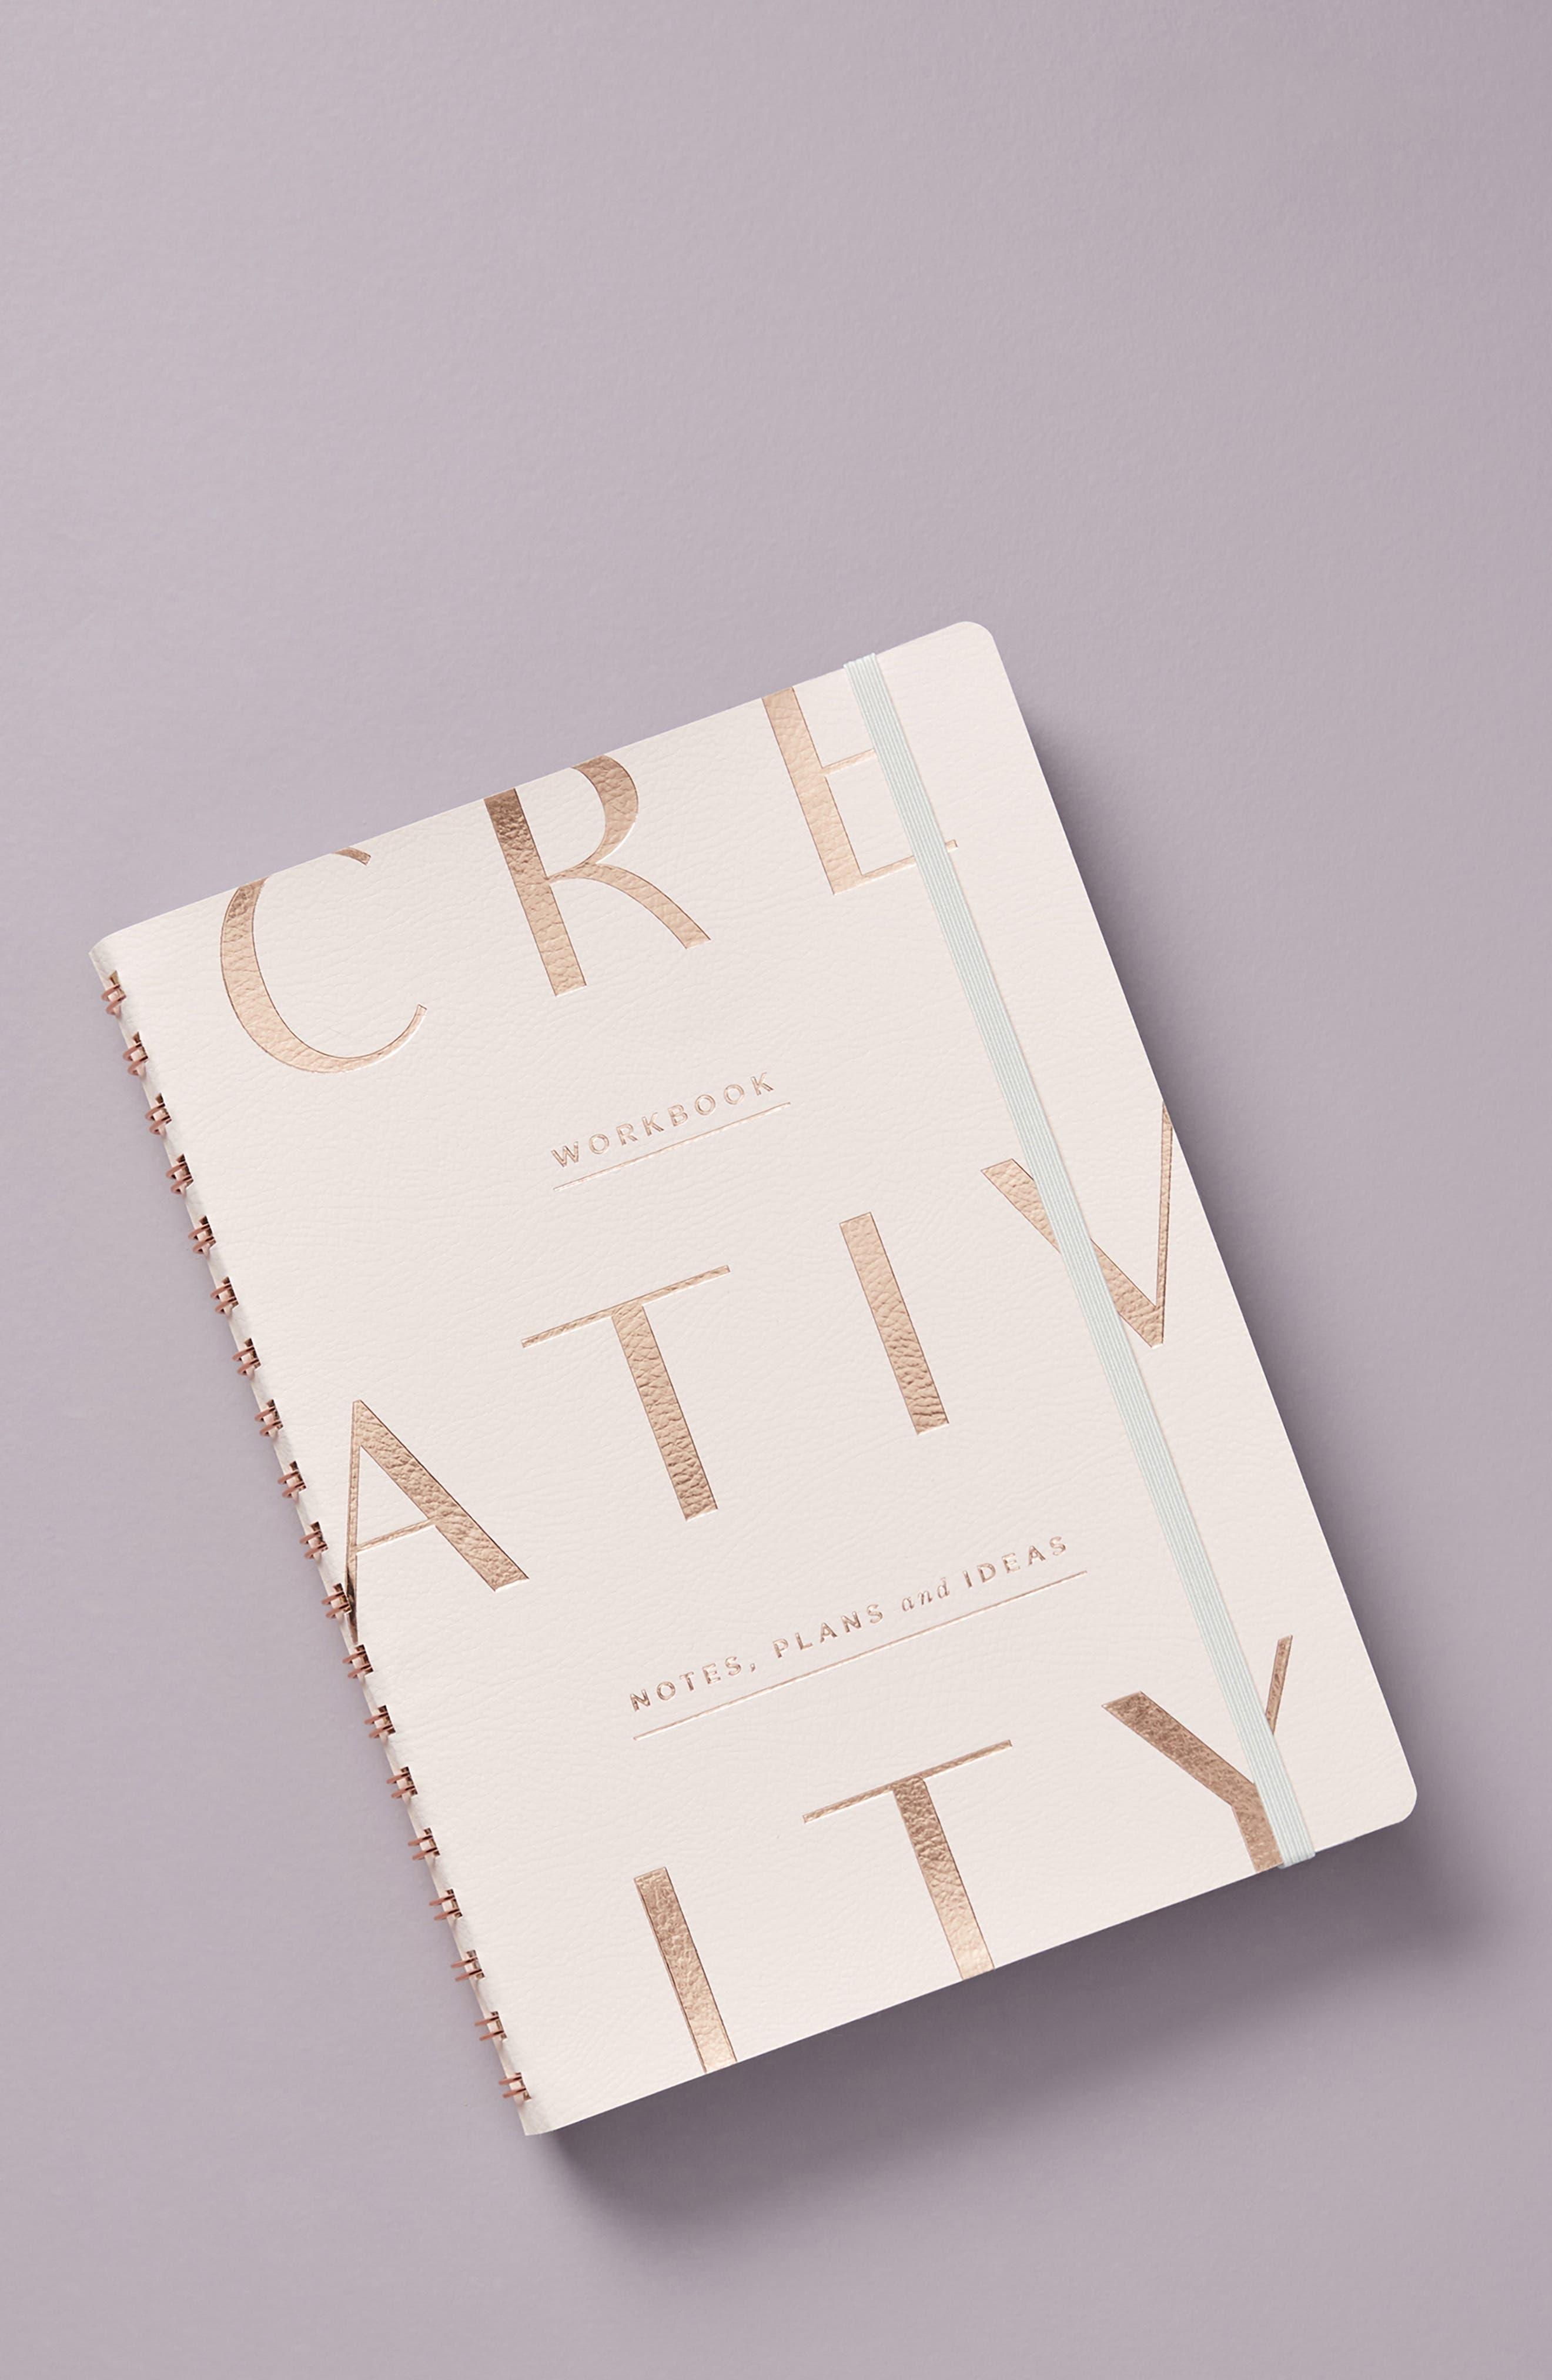 anthropologie creativity journal -